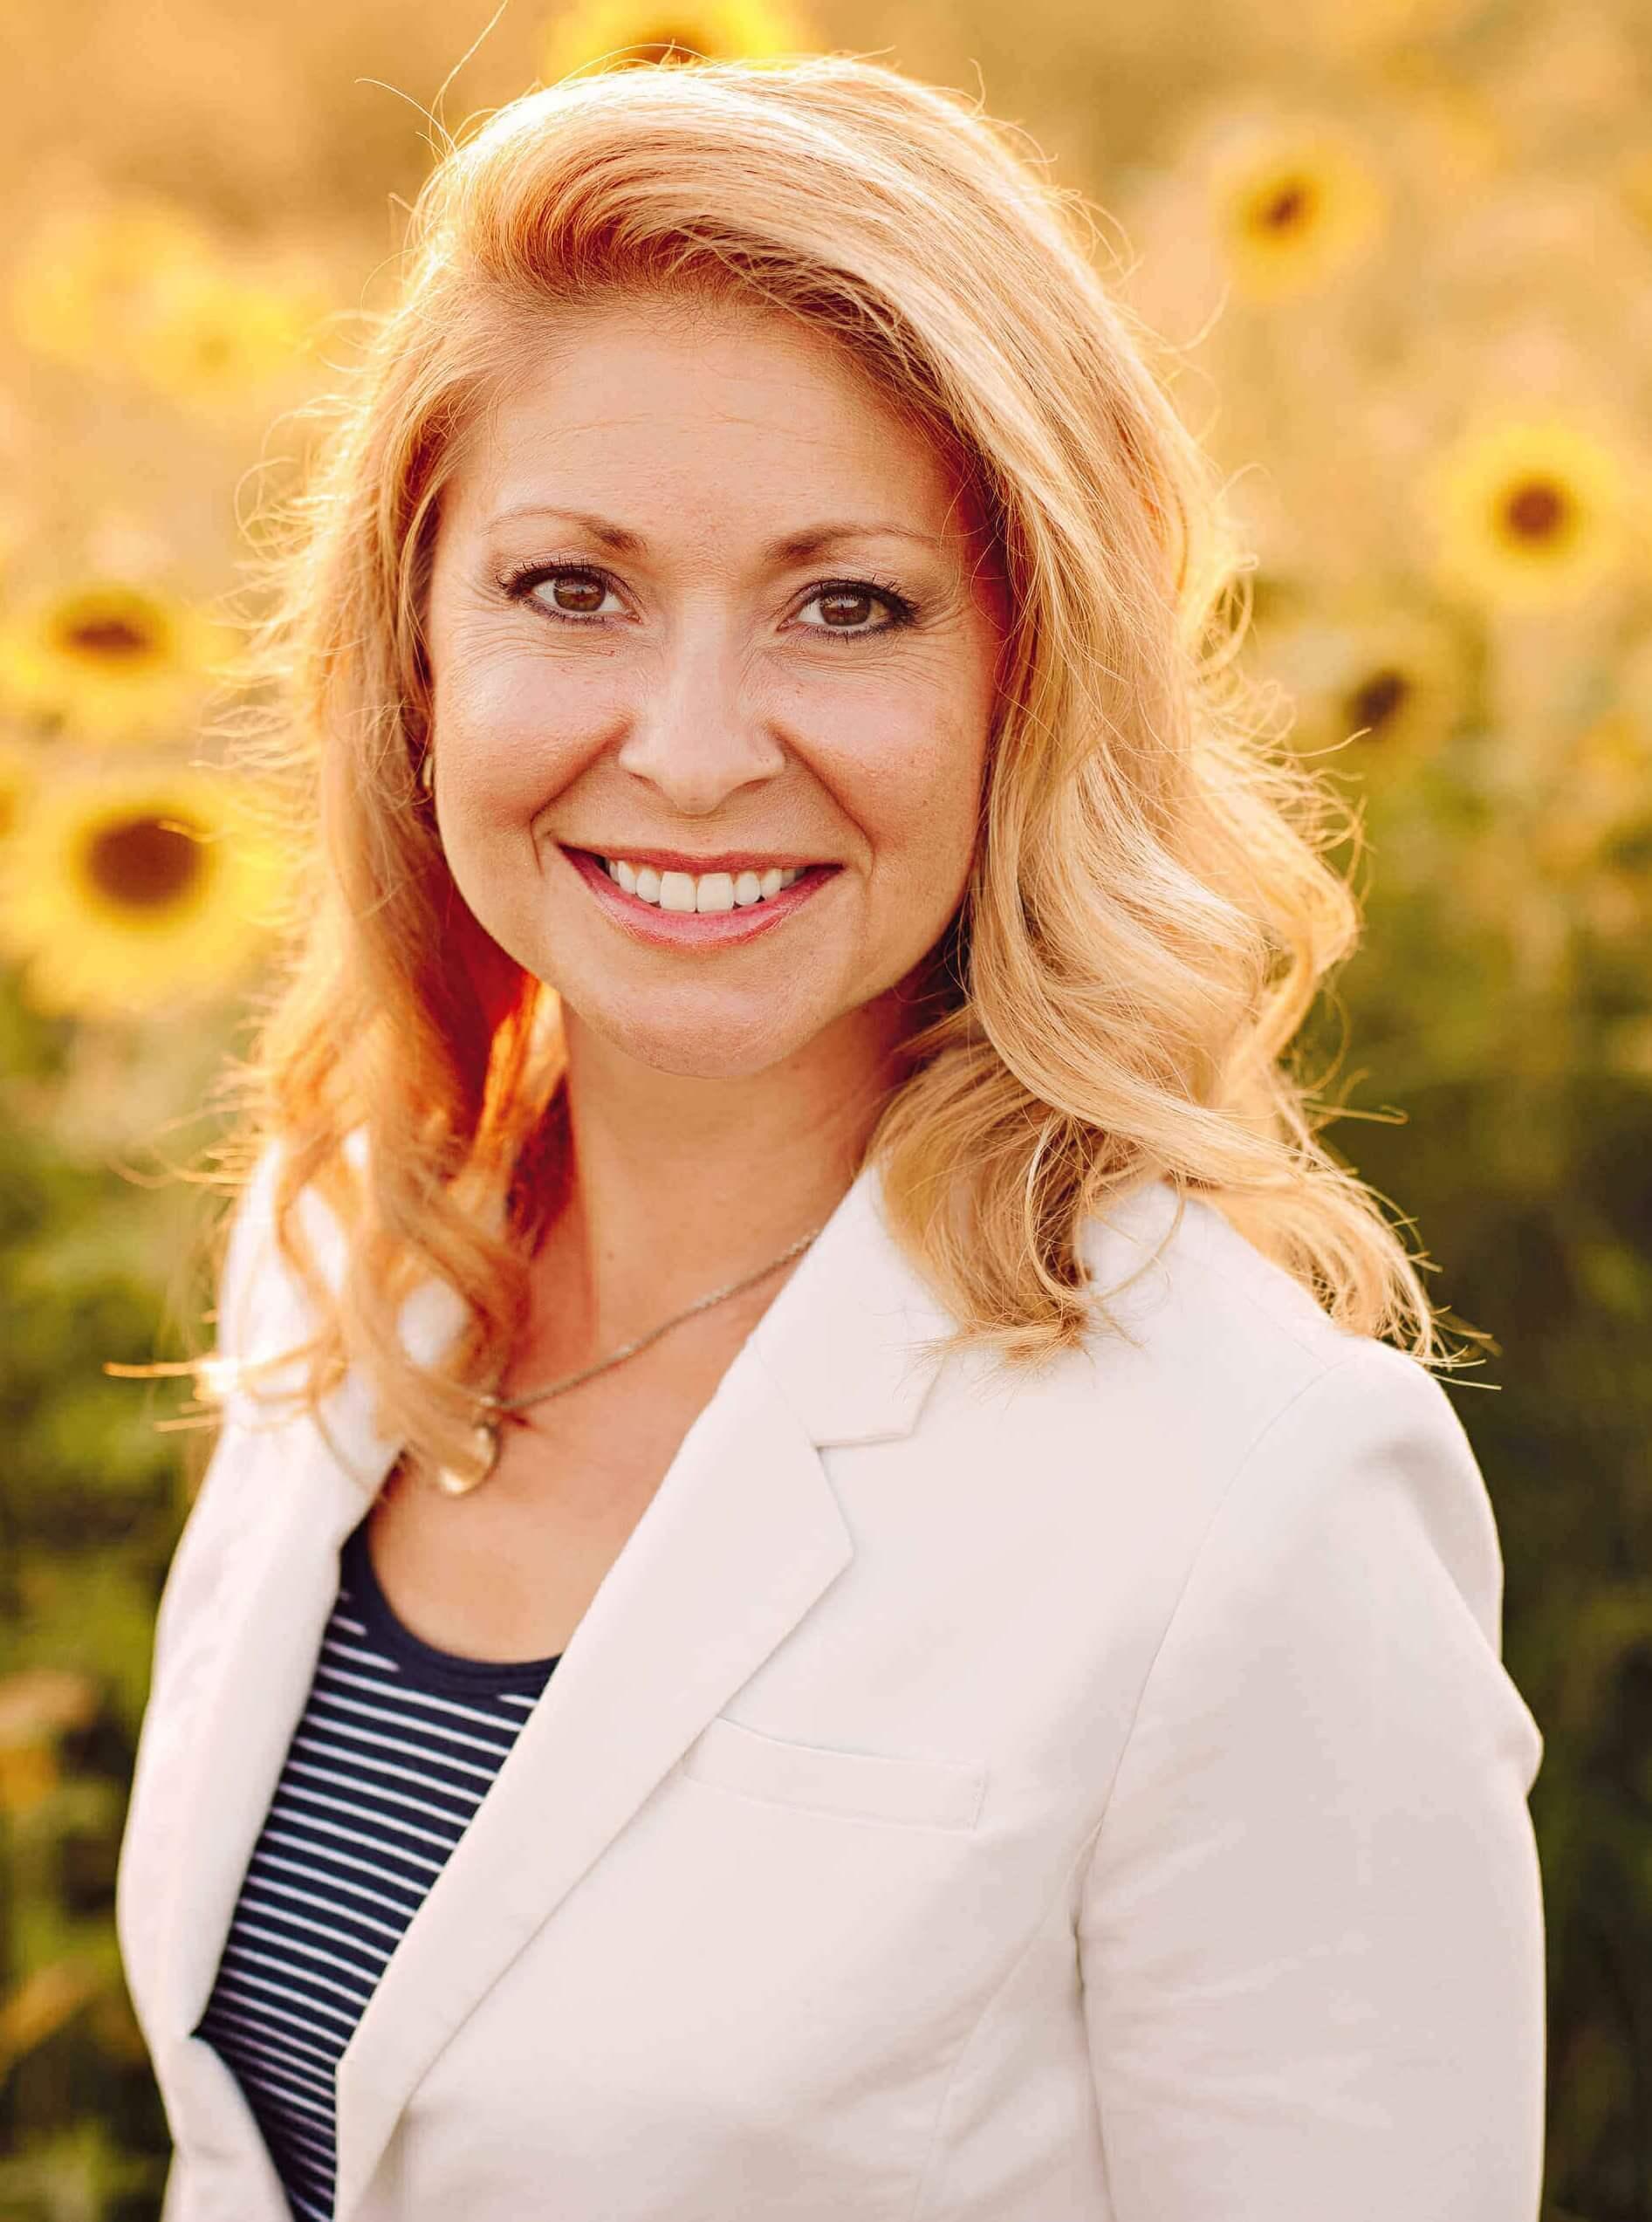 Alicia Porter